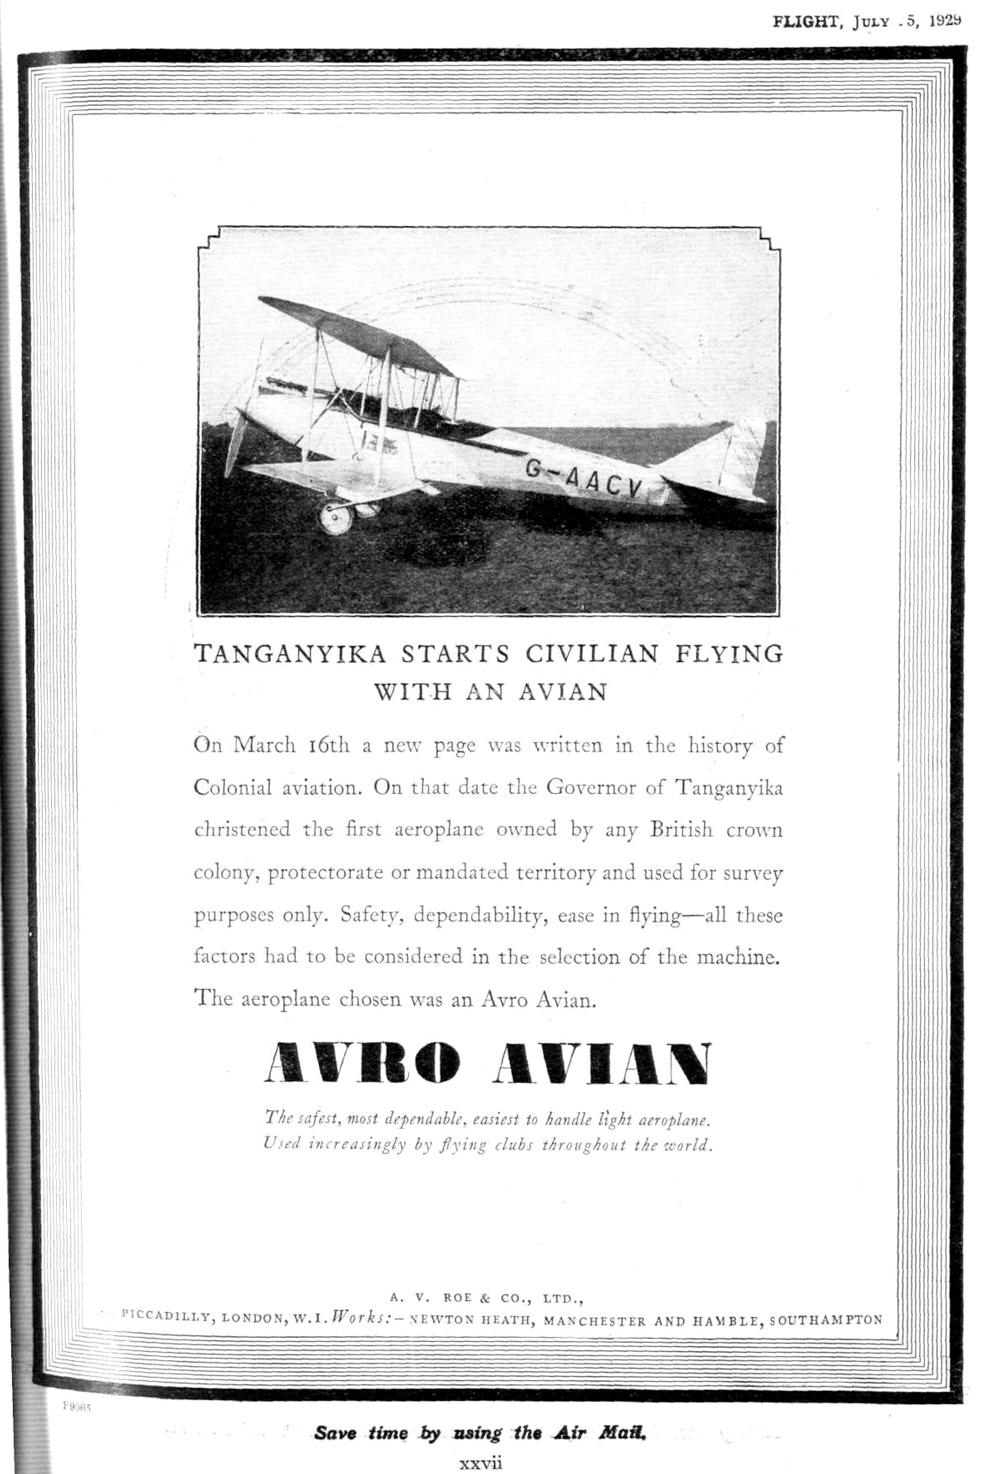 1929-07-05-(avro-avian)